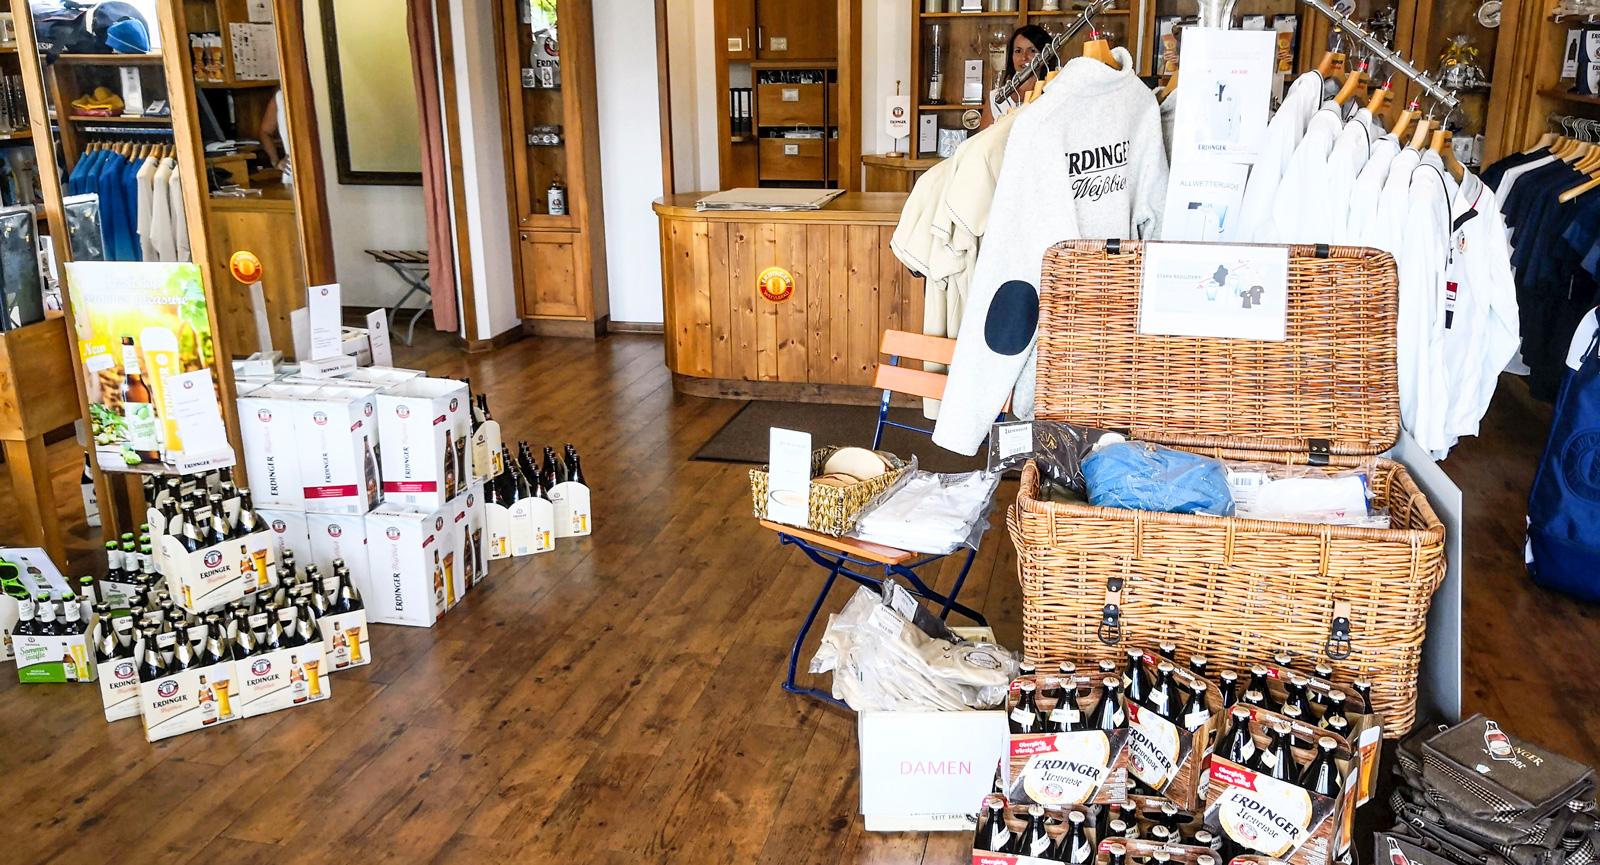 Butiken vid bryggeriet är fylld av allsköns prylar för  fans av vete-ölet.